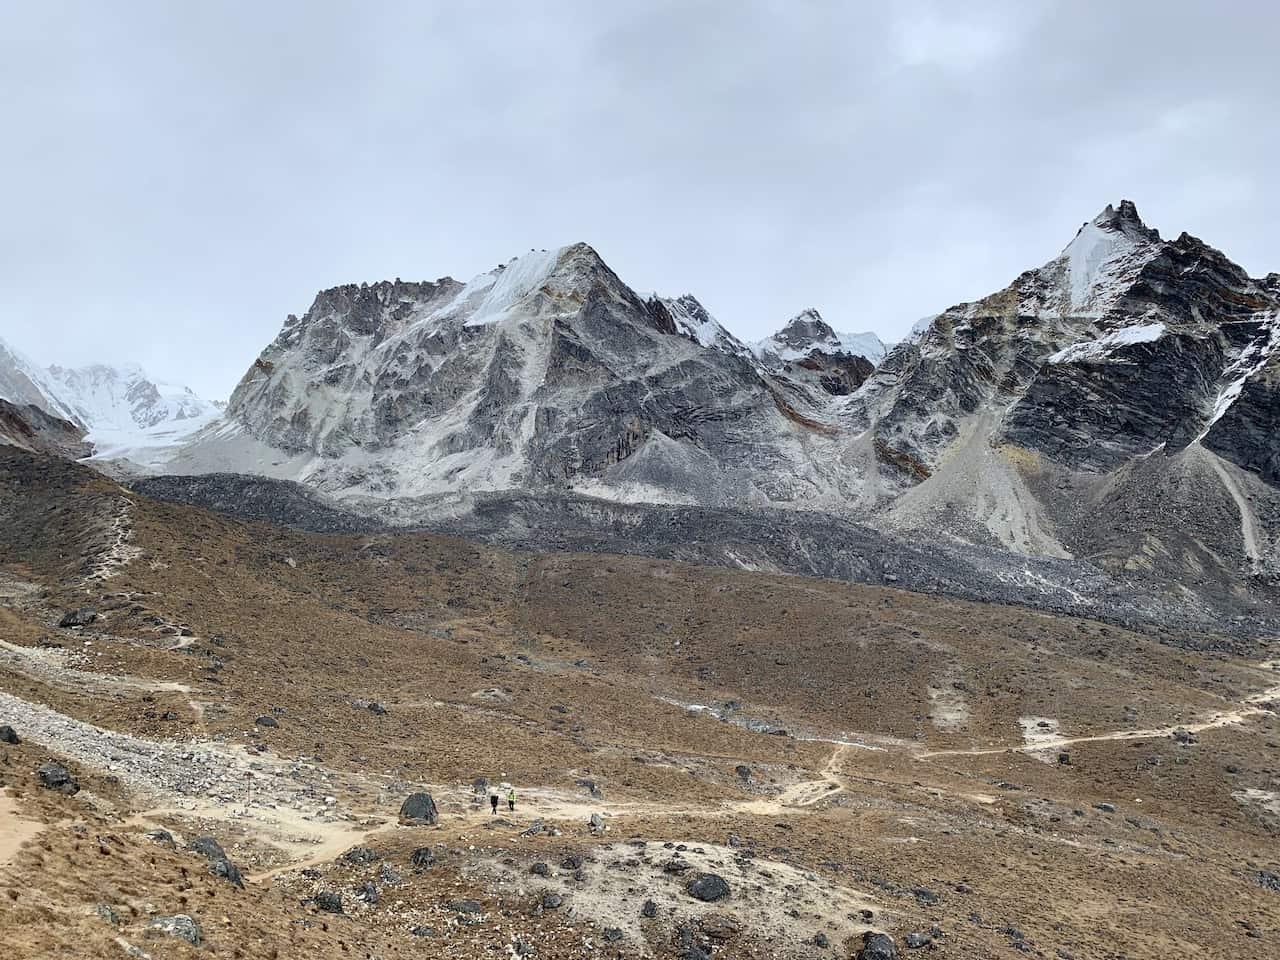 Cho La Pass Hiking